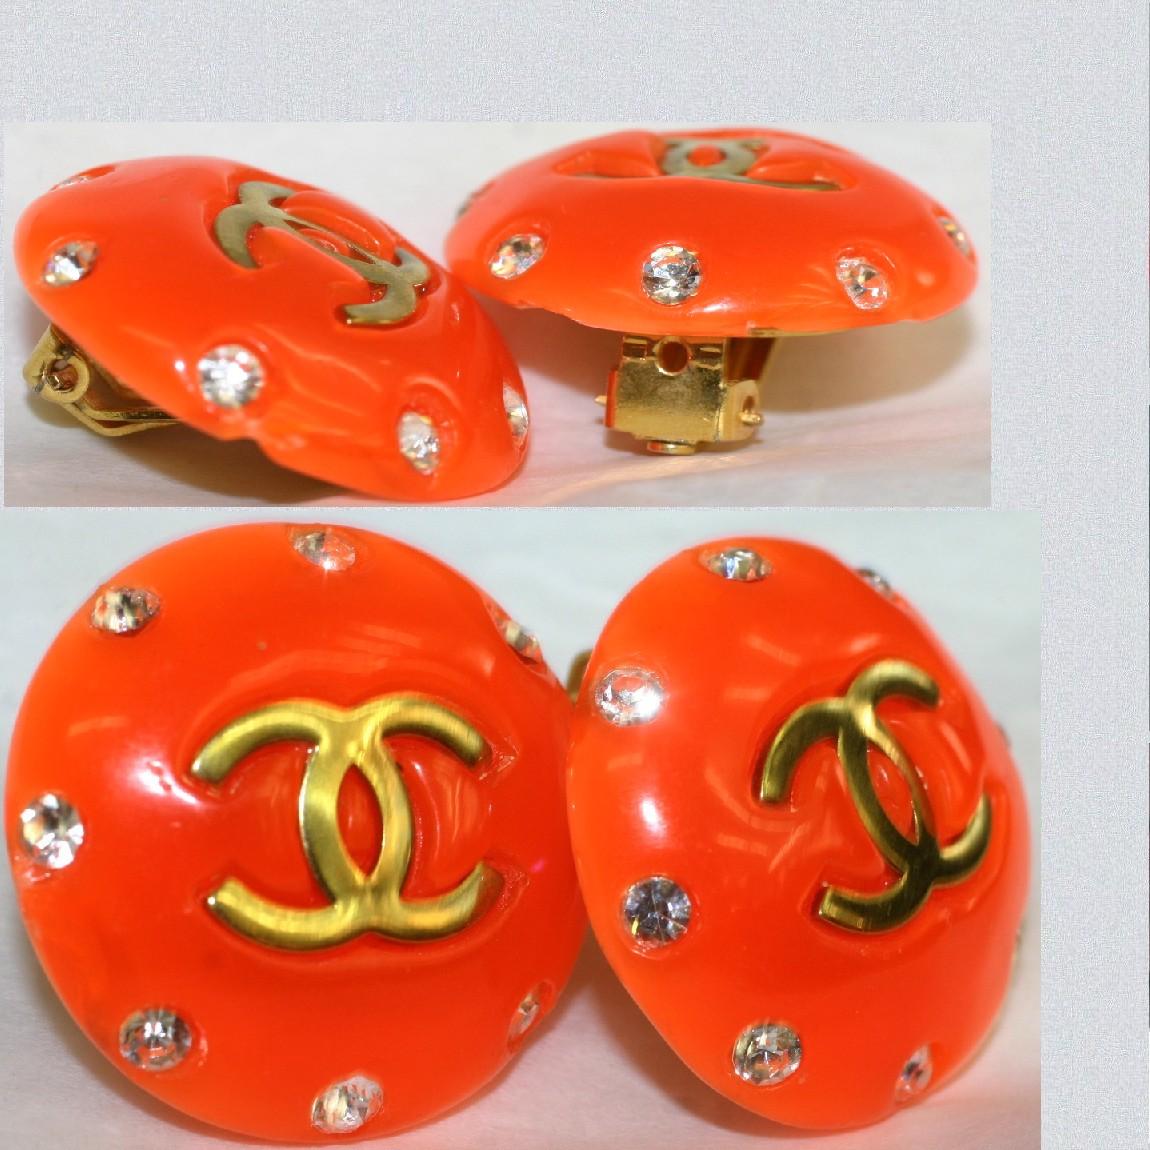 【中古】本物綺麗シャネル1995年製女性用イヤリングオレンジ色丸い素材に8個のラインストーンつき中央に金色金具のココマーク直営店で滑り止めリアパット交換済み